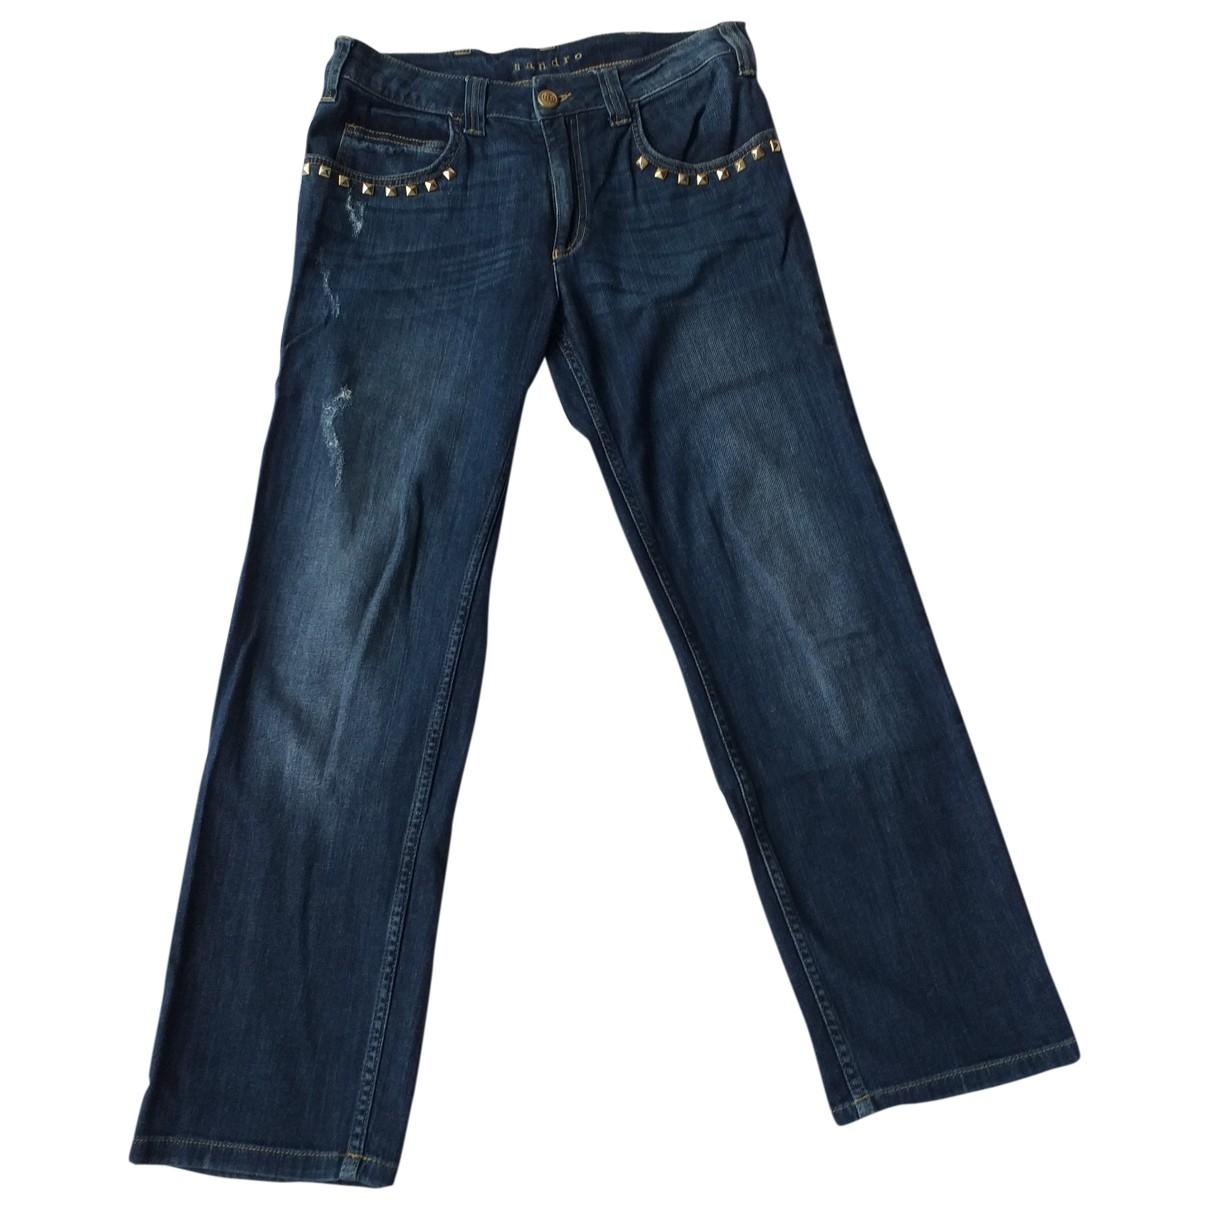 Sandro \N Blue Cotton - elasthane Jeans for Women 38 FR